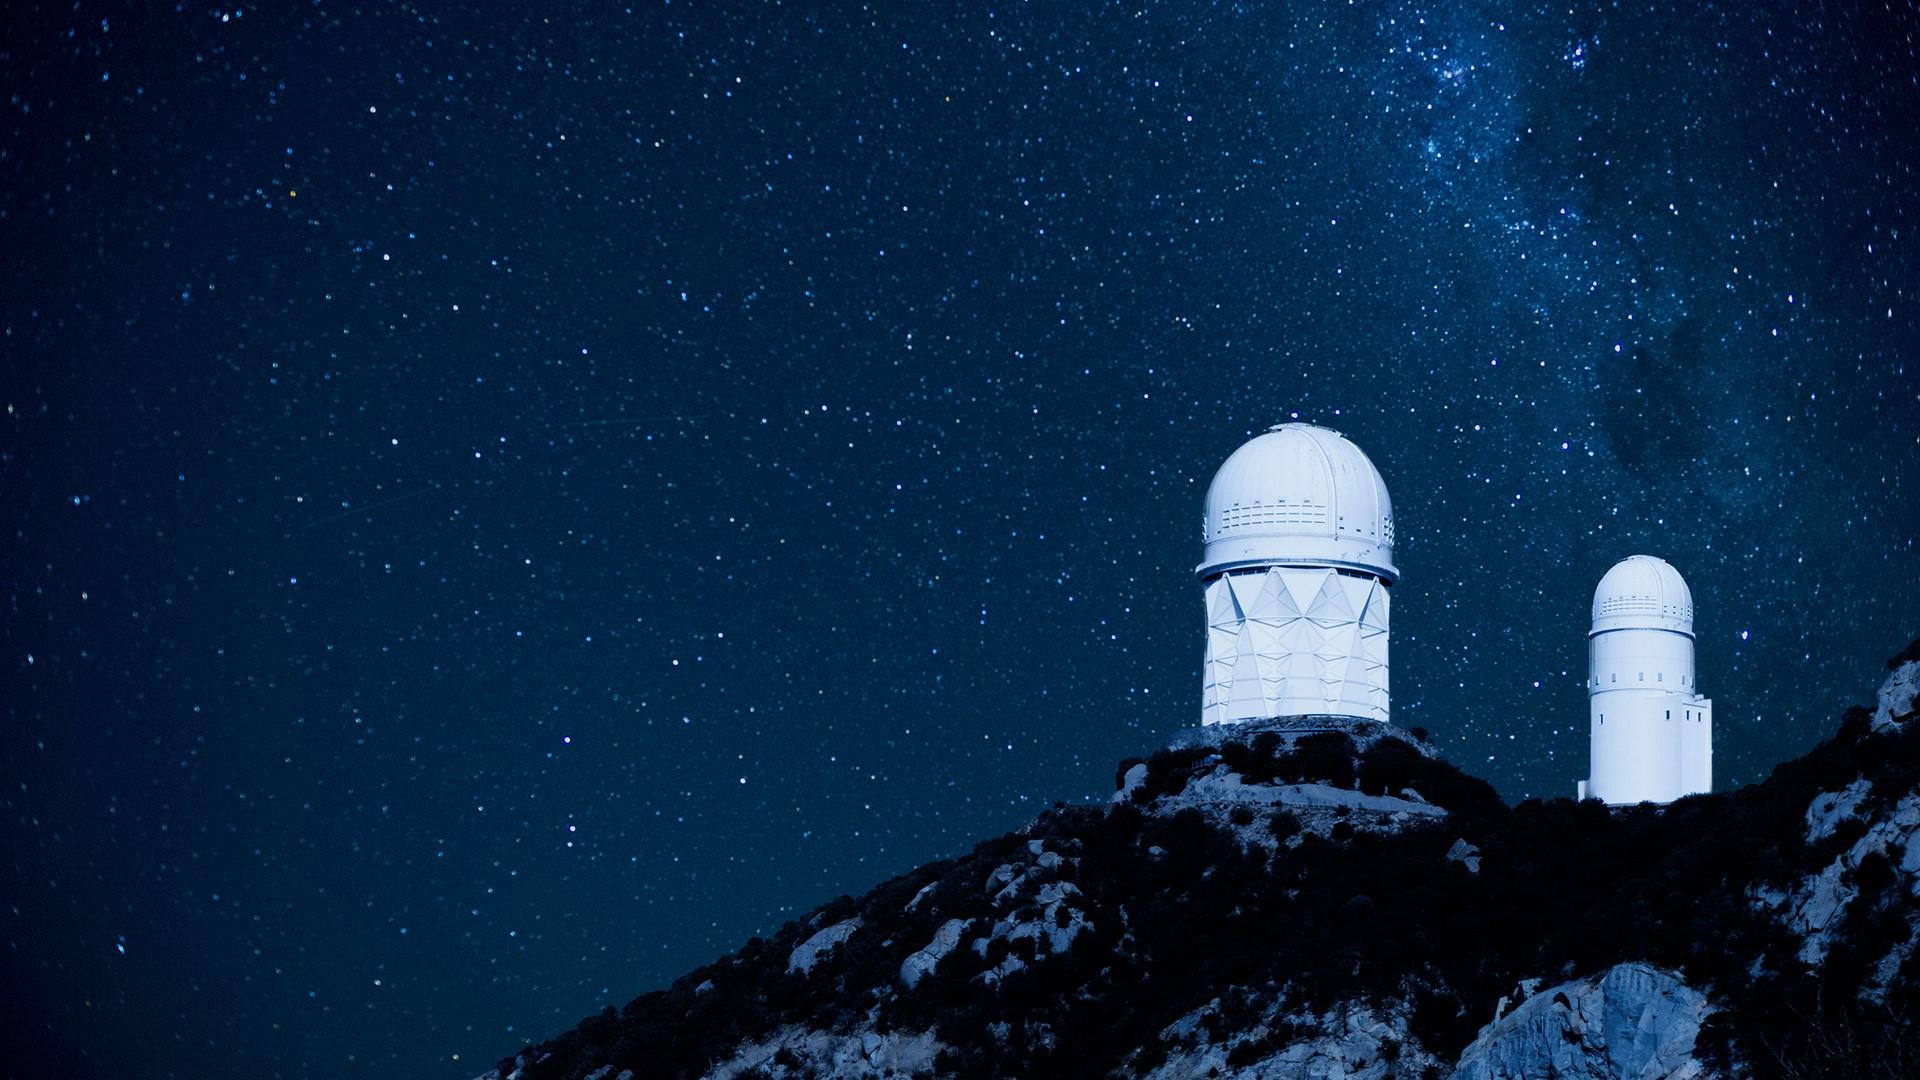 kitt peak national observatory on hilltop tucson arizona